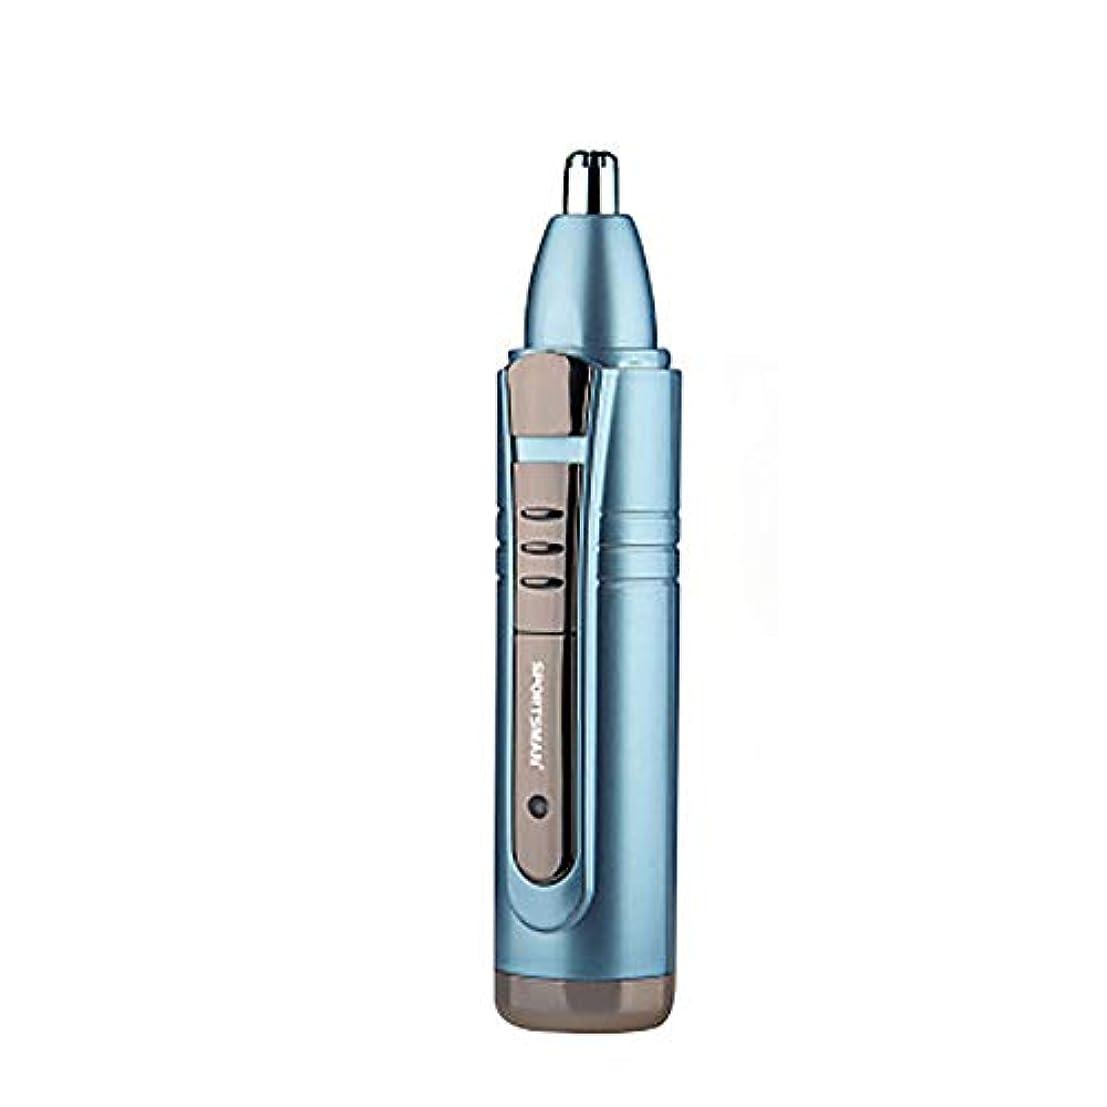 ファンタジー克服するボーナス電動鼻毛トリマー独自の切断システムにより、旅行中に鼻から余分な毛髪を効果的かつ快適に除去します。